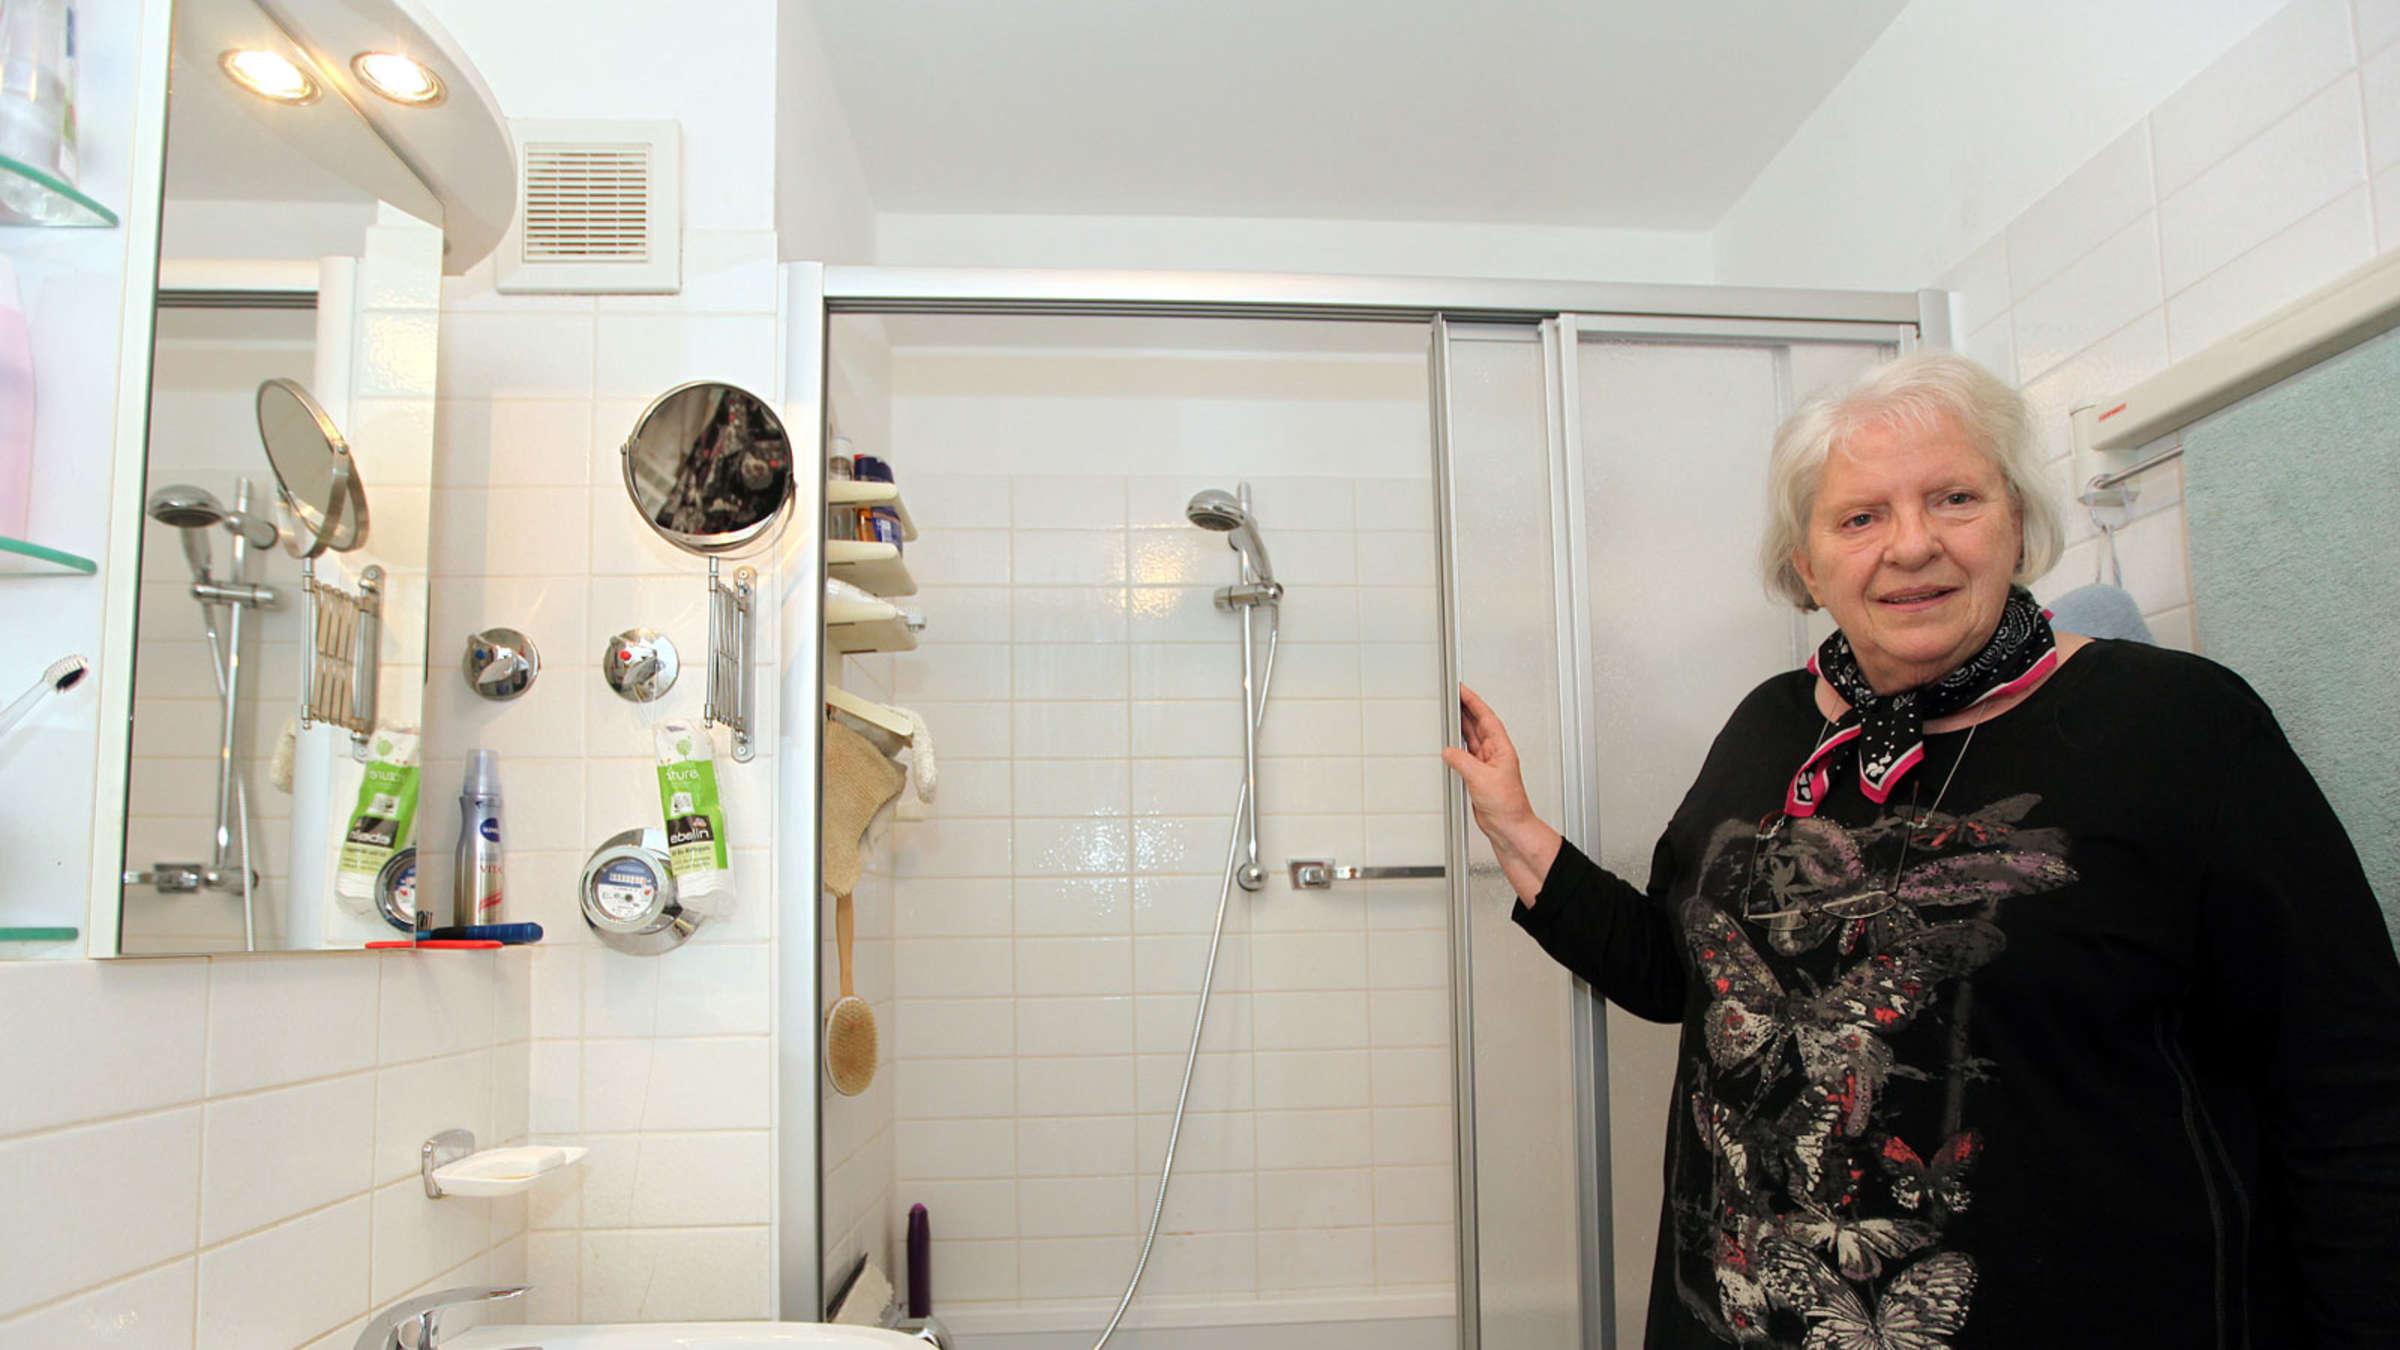 Wohnen im Alter Wer zahlt den Umbau   Wohnen